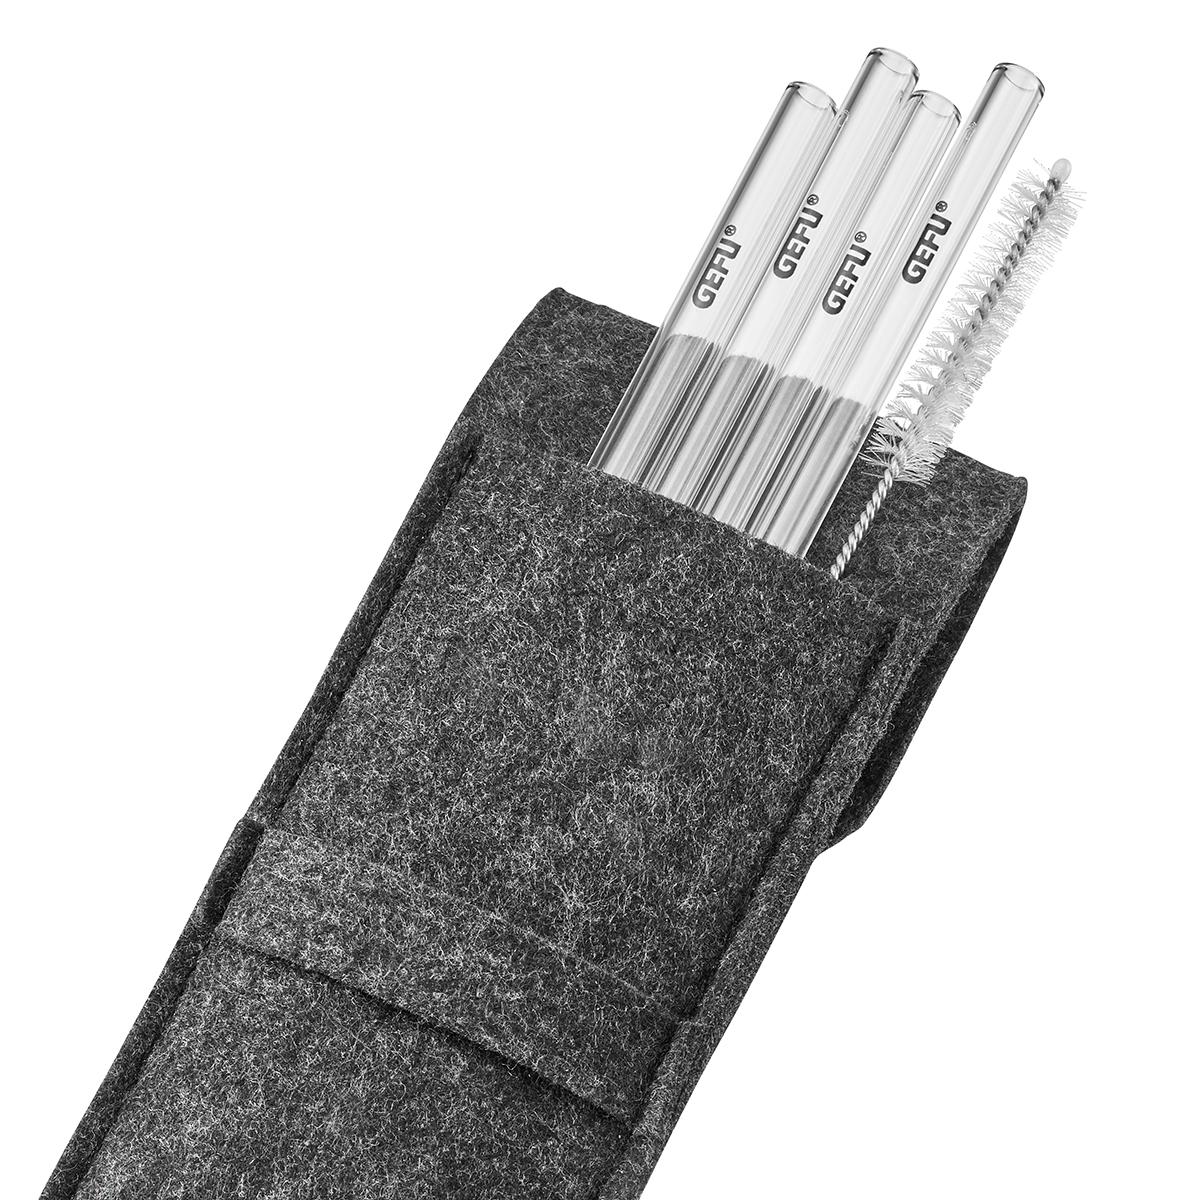 GEFU - Glastrinkhalm 18cm, 4 Stück in Filztasche